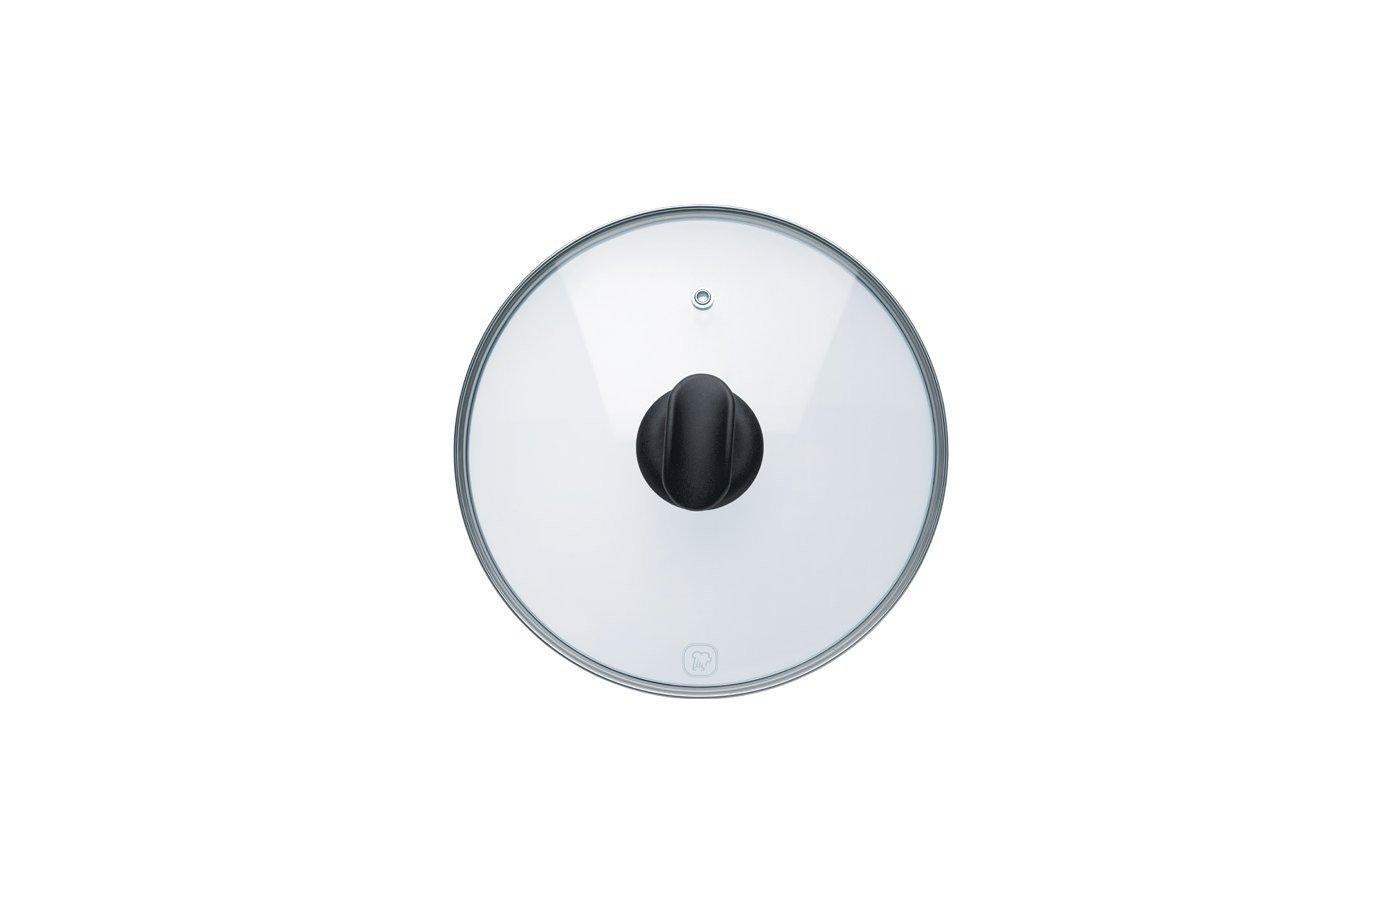 крышка от 28 HELPER 4508 H006 стеклянная/пароотвод 30см.